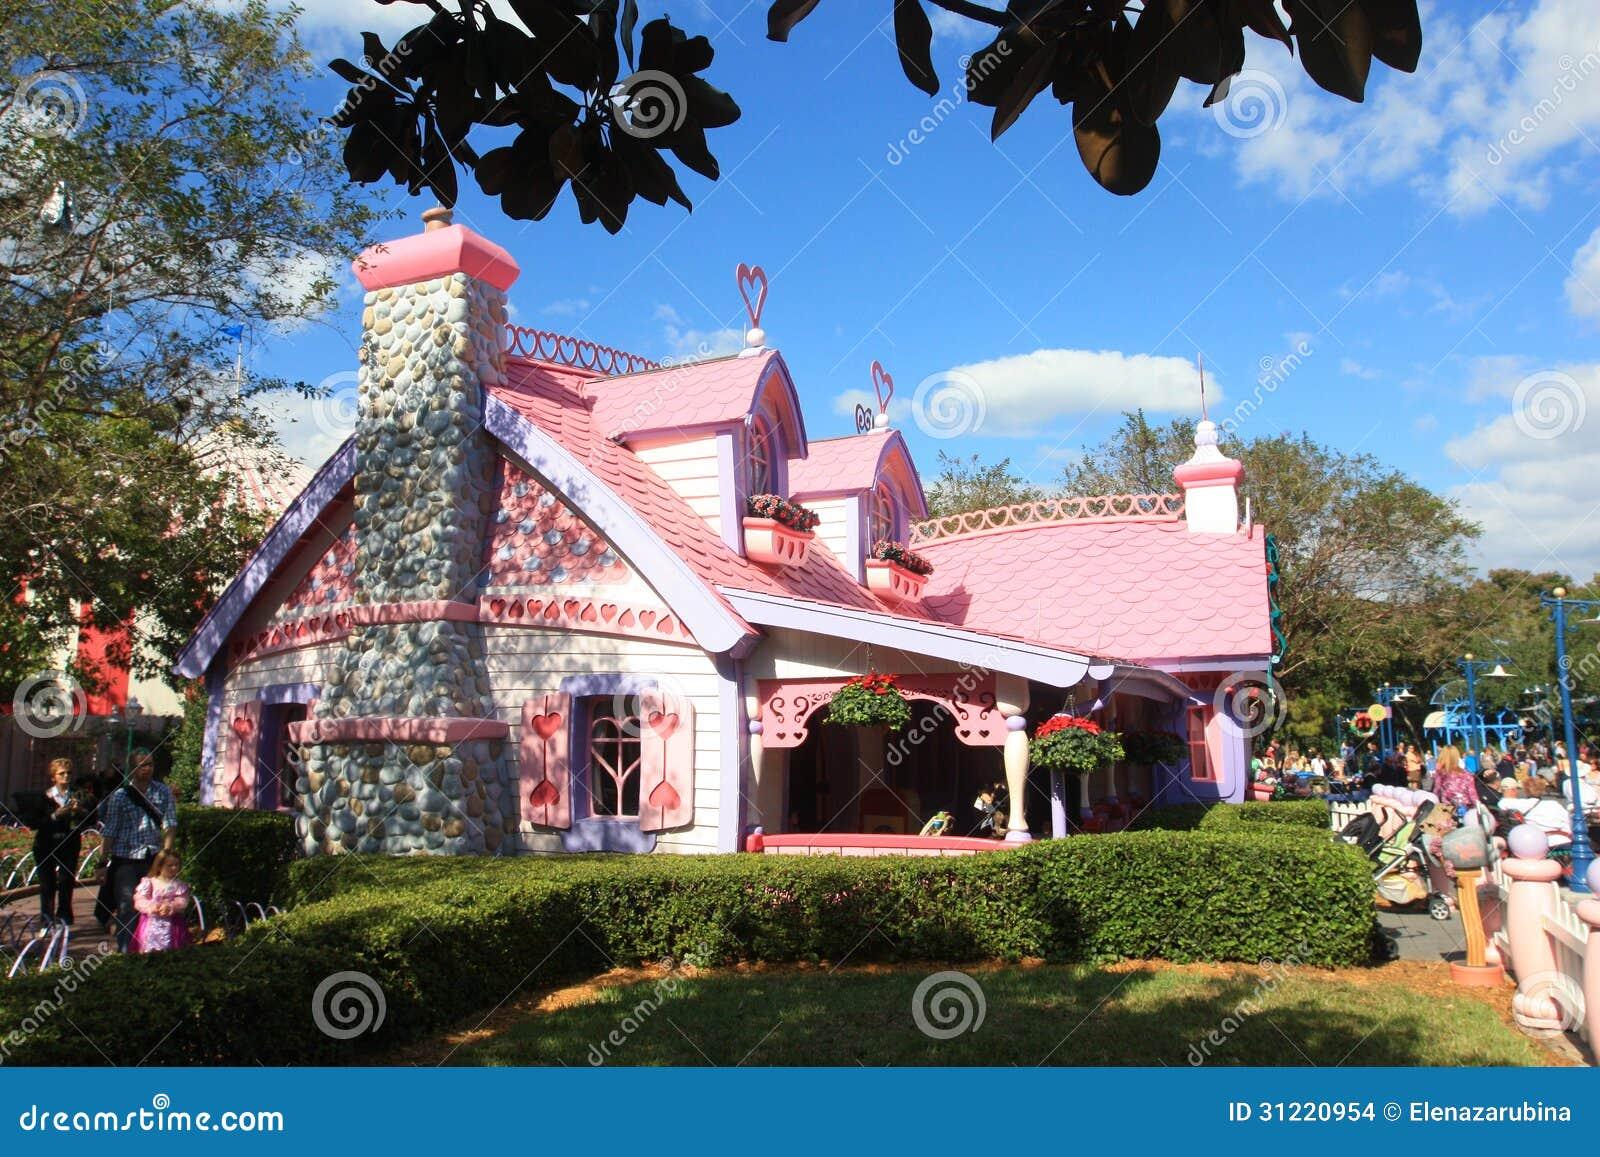 Casa de minnie mouse imagem de stock editorial imagem - Casa de minnie mouse ...